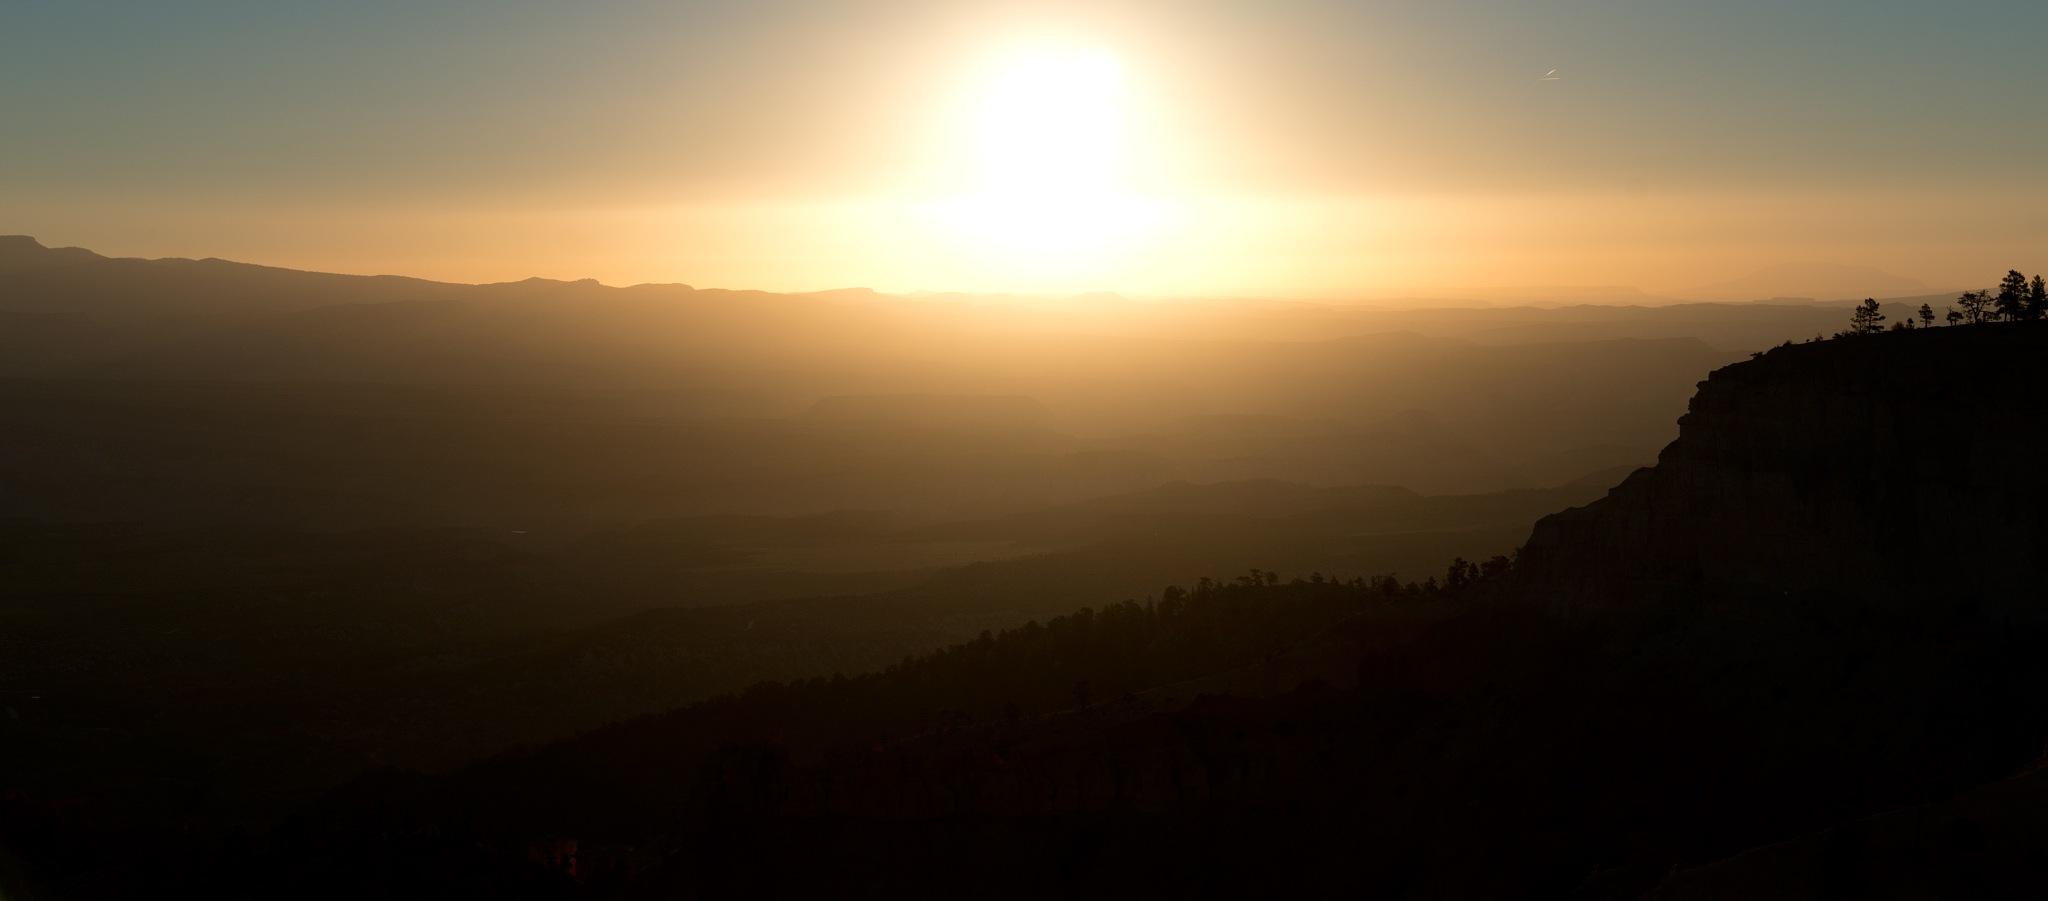 Mountain Sunrise by Bret Little